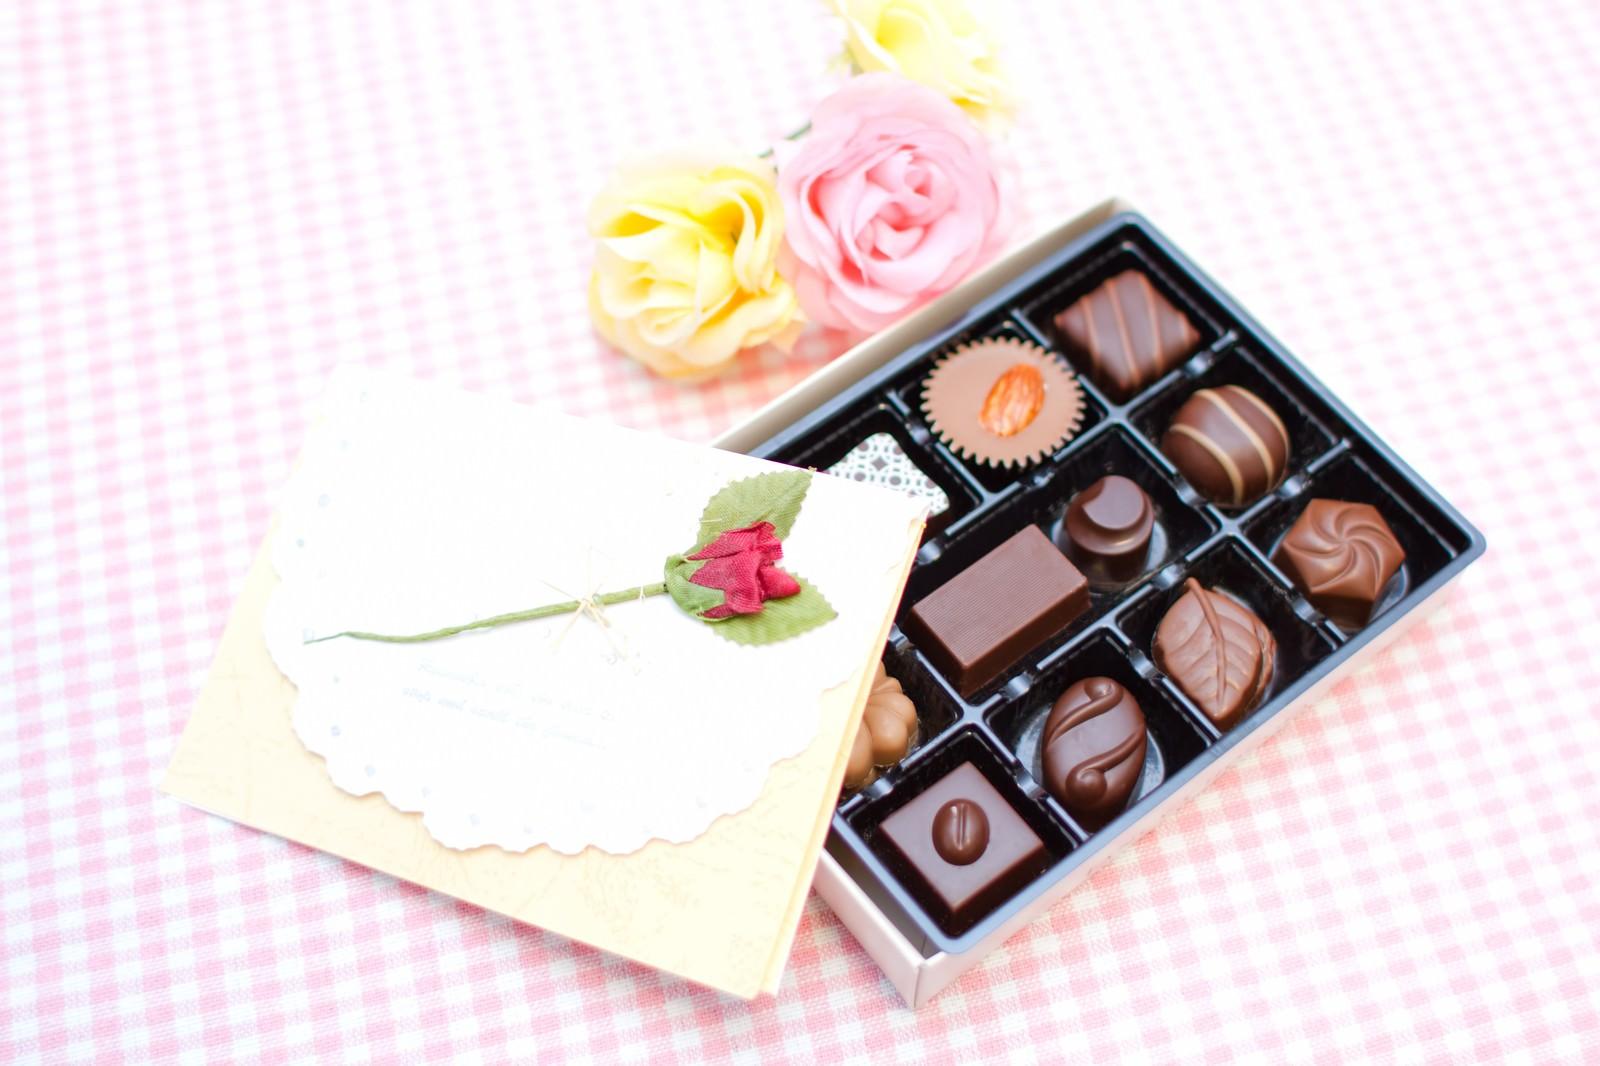 「チョコレートと恋文」の写真